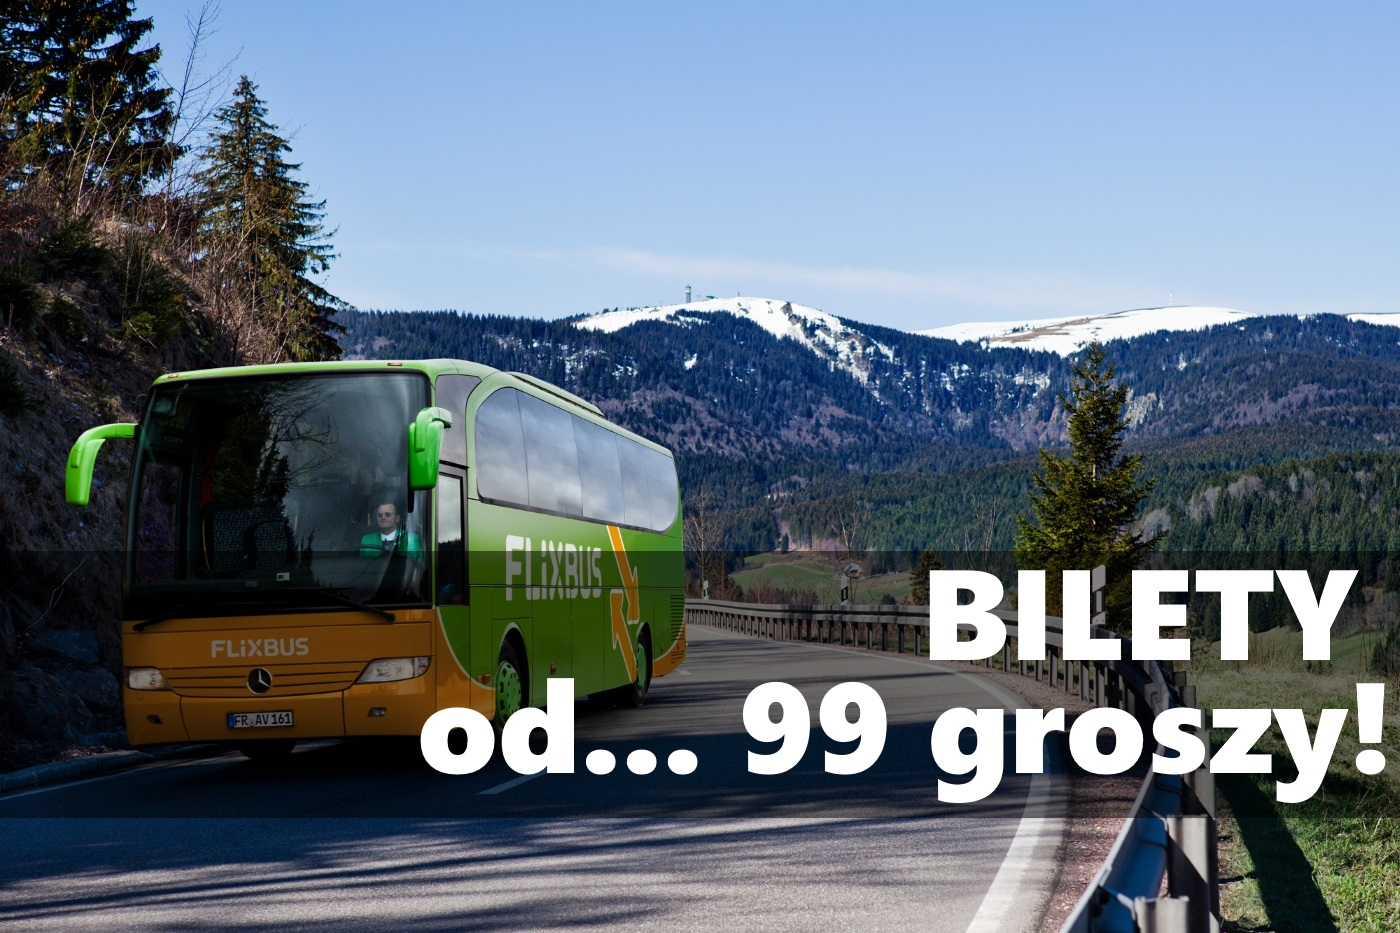 Bilety od 0,99 PLN. Nowa trasa Flixbusa już w sprzedaży